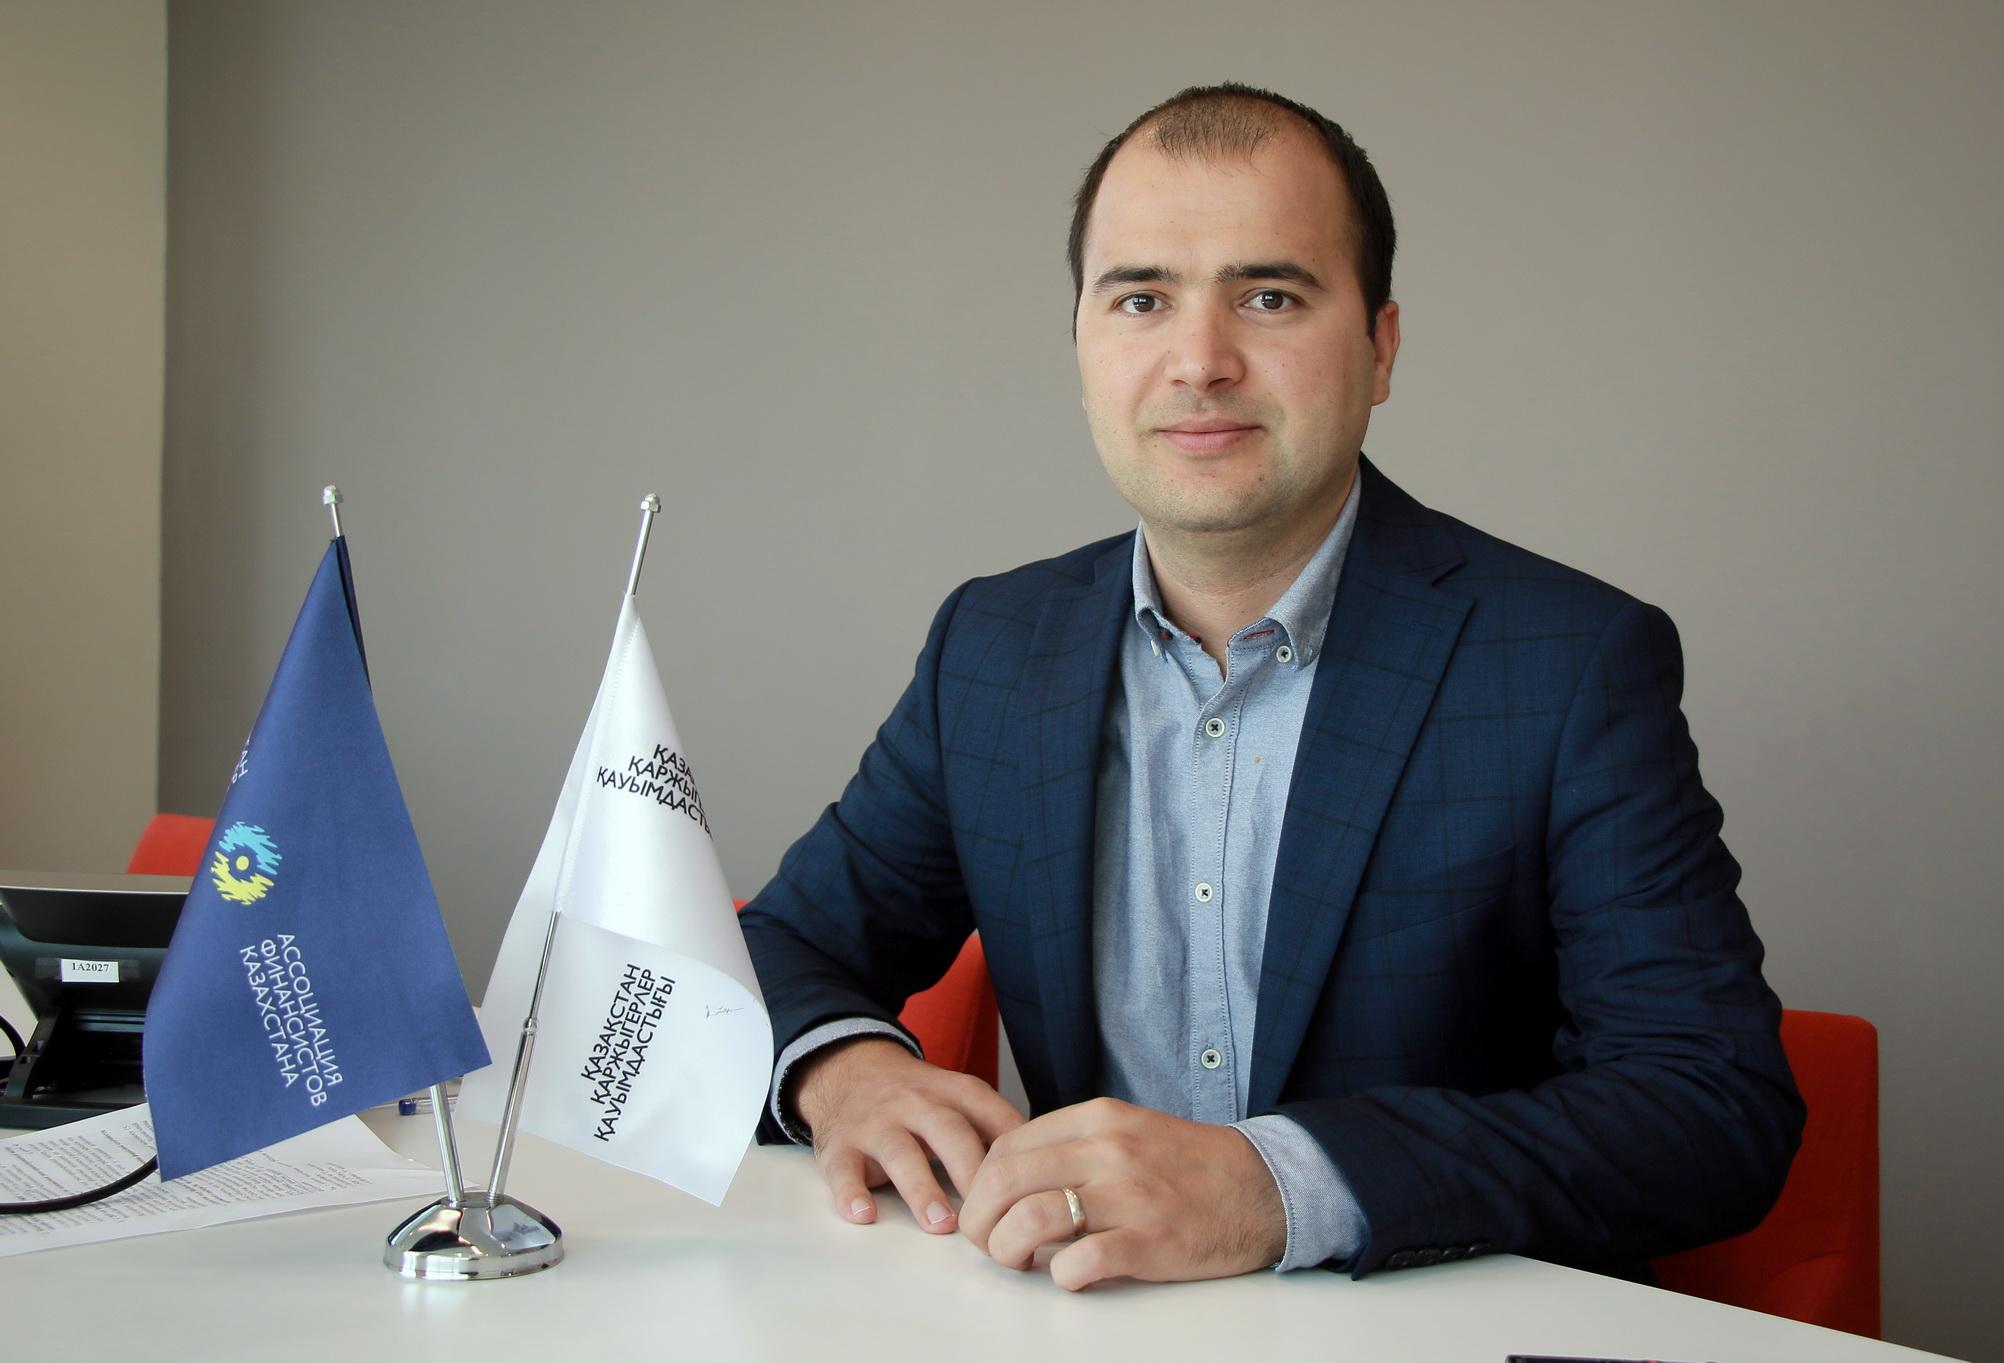 Эксперт аналитического центра Ассоциации финансистов Казахстана (АФК) Рамазан Досов